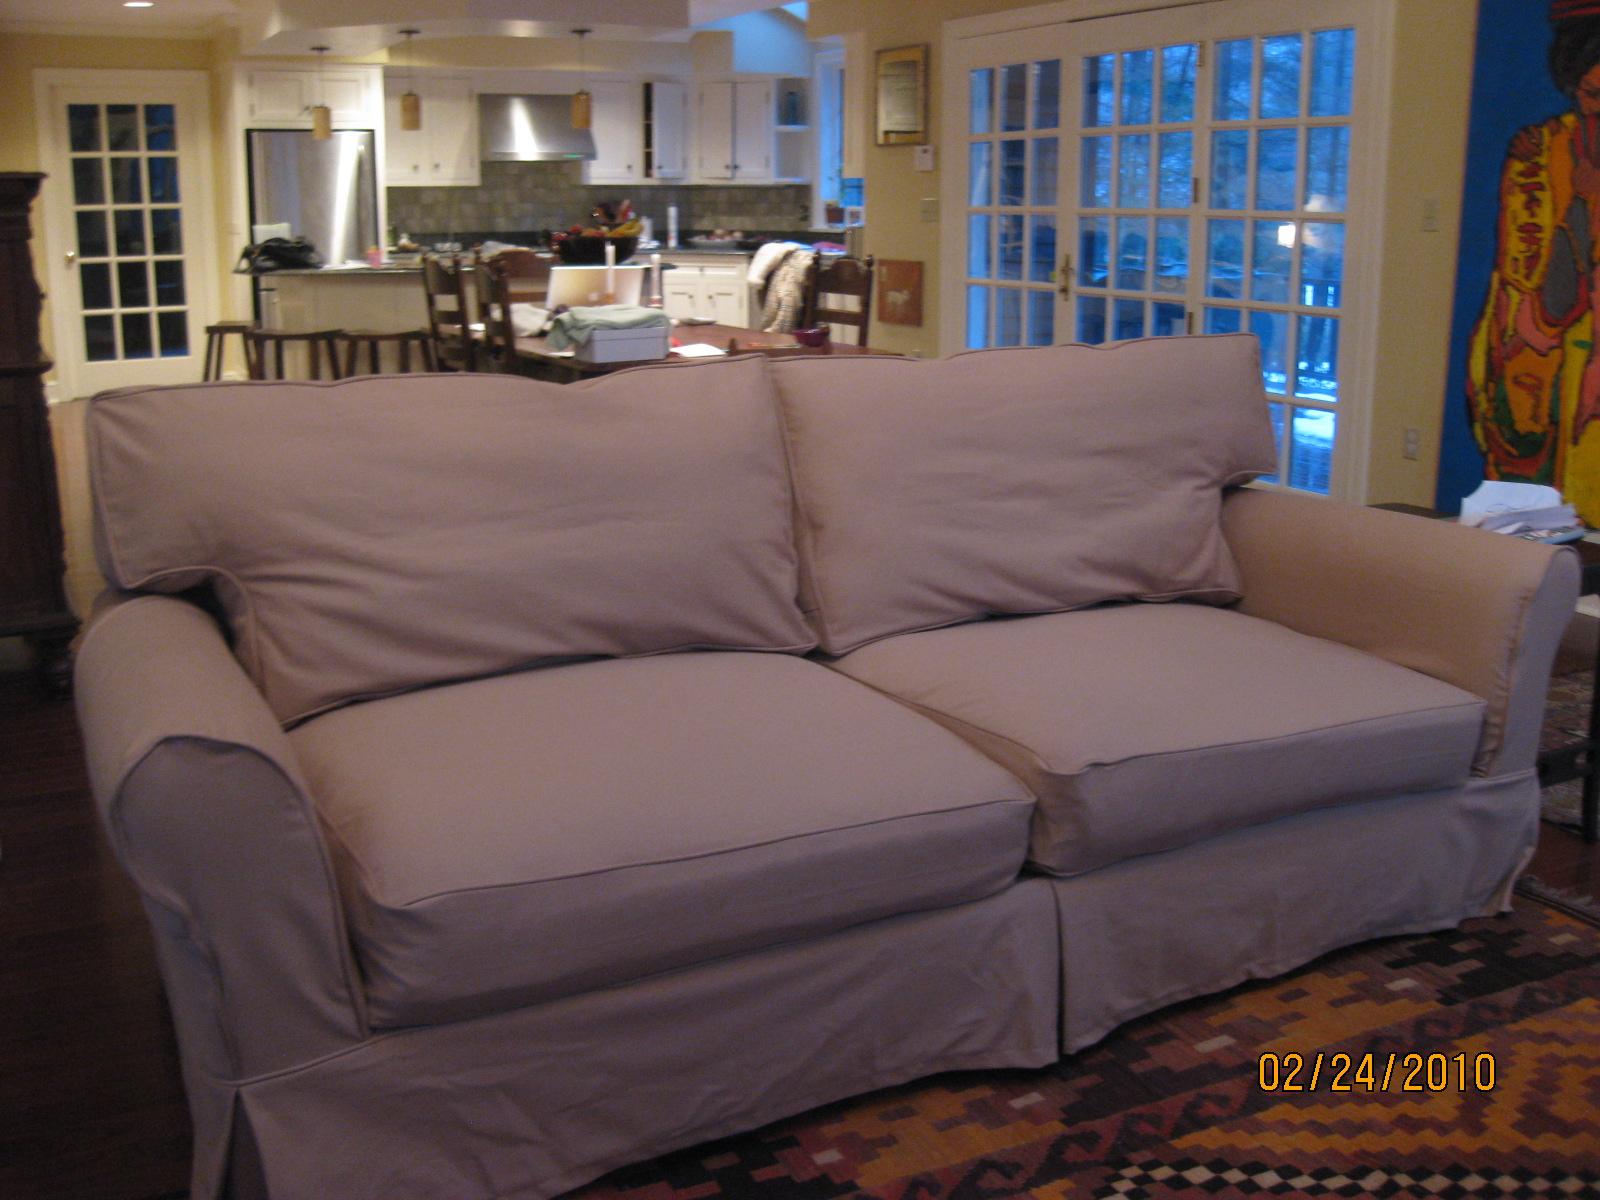 Pottery Barn Sleeper Sofa Slipcover hmmi